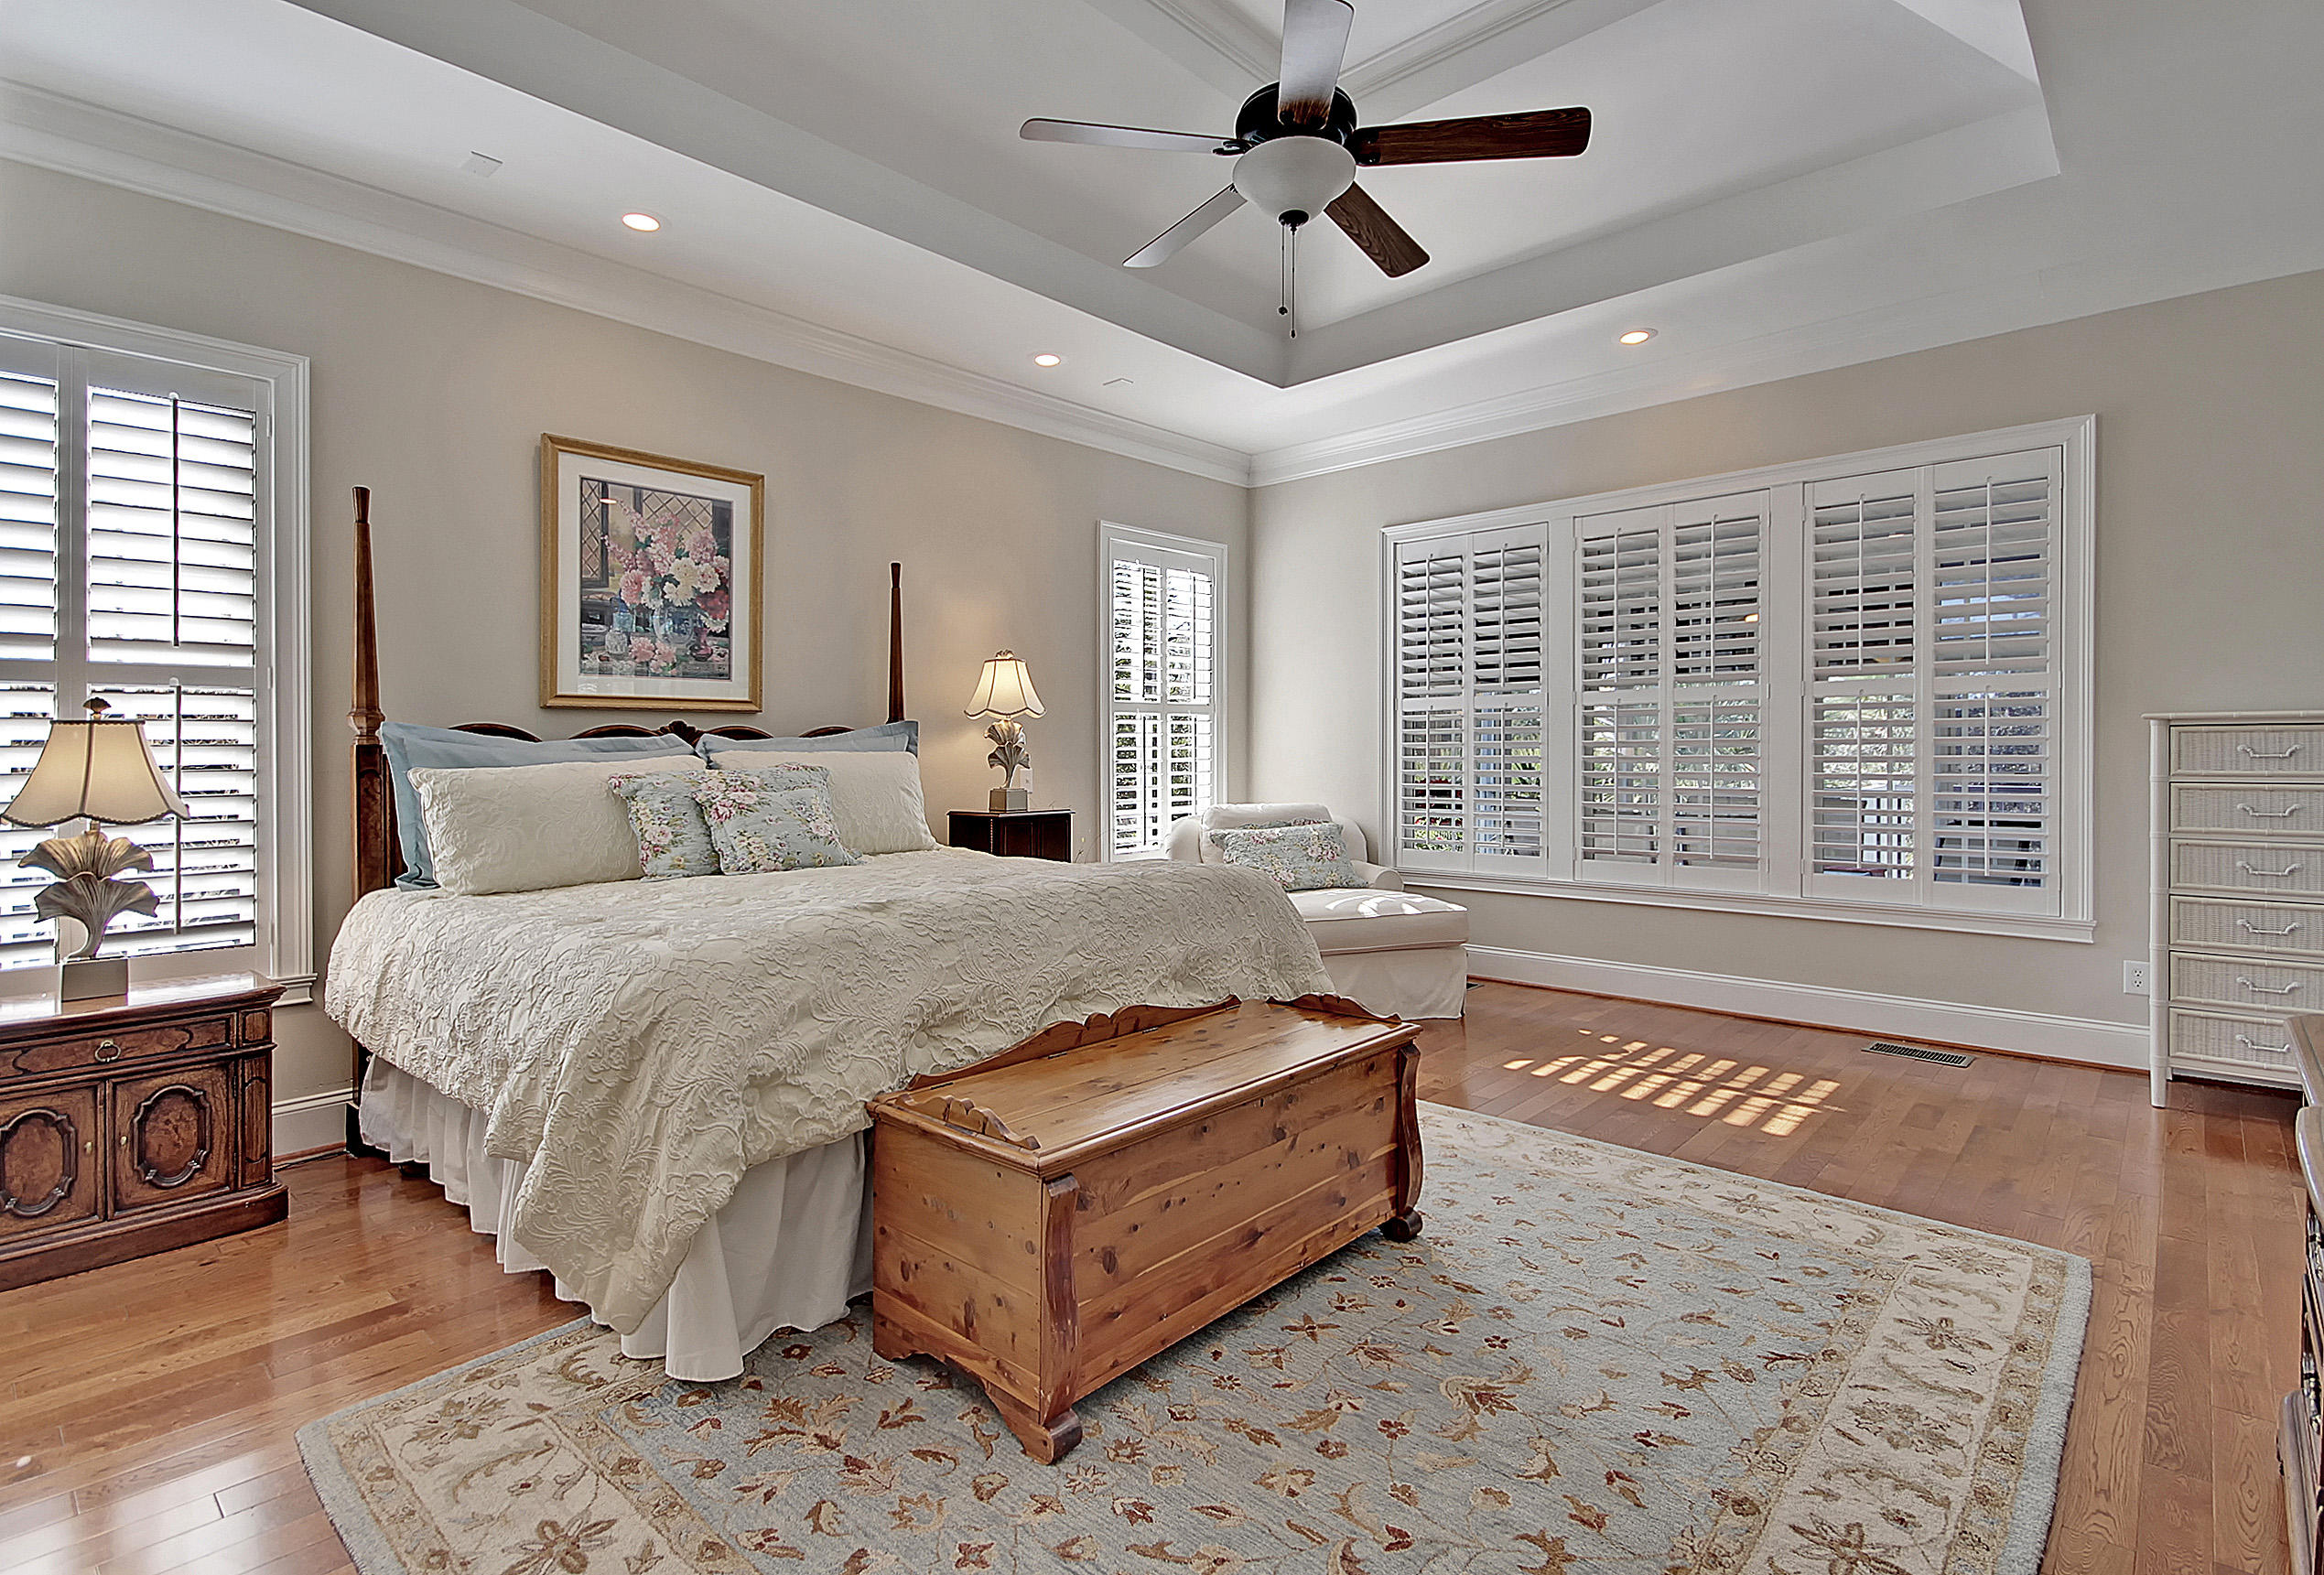 Dunes West Homes For Sale - 2721 Fountainhead, Mount Pleasant, SC - 22